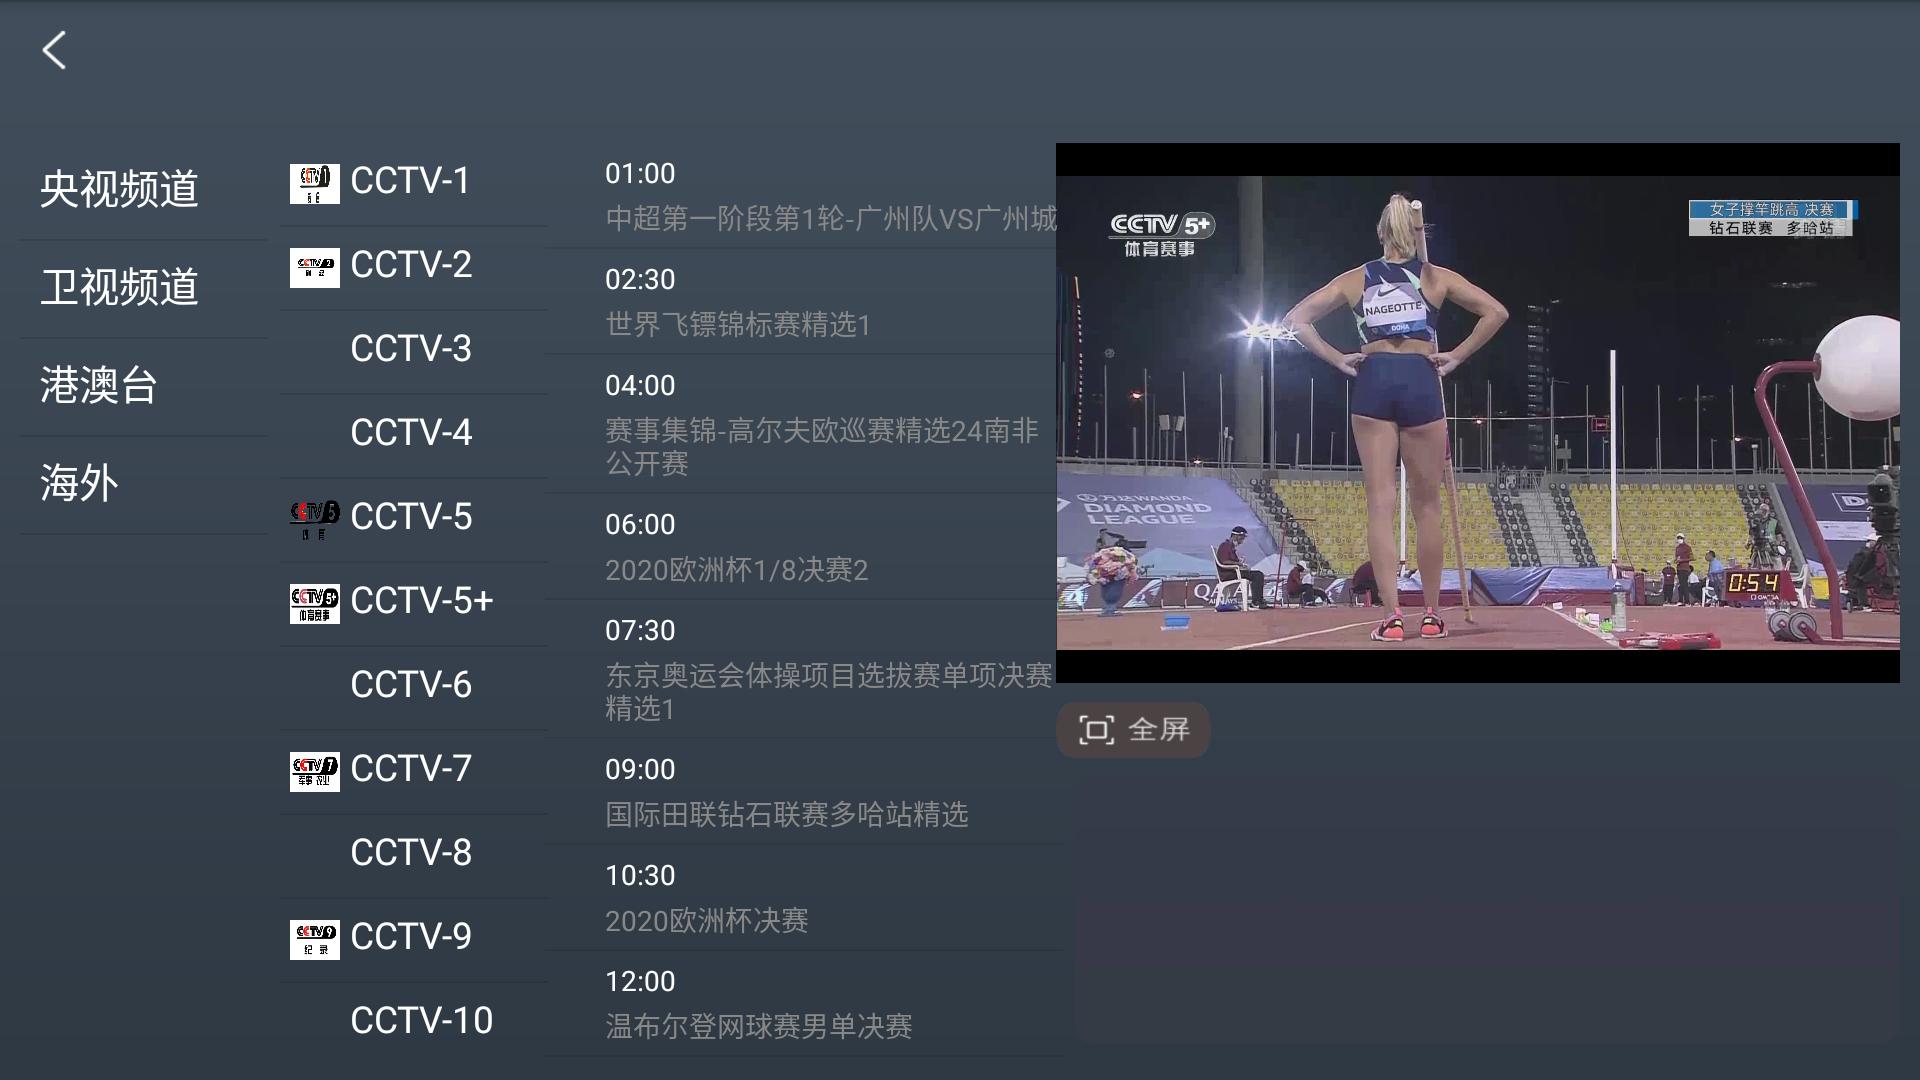 软件推荐[TV] 无极影院TV3.0 无需登录去限制版